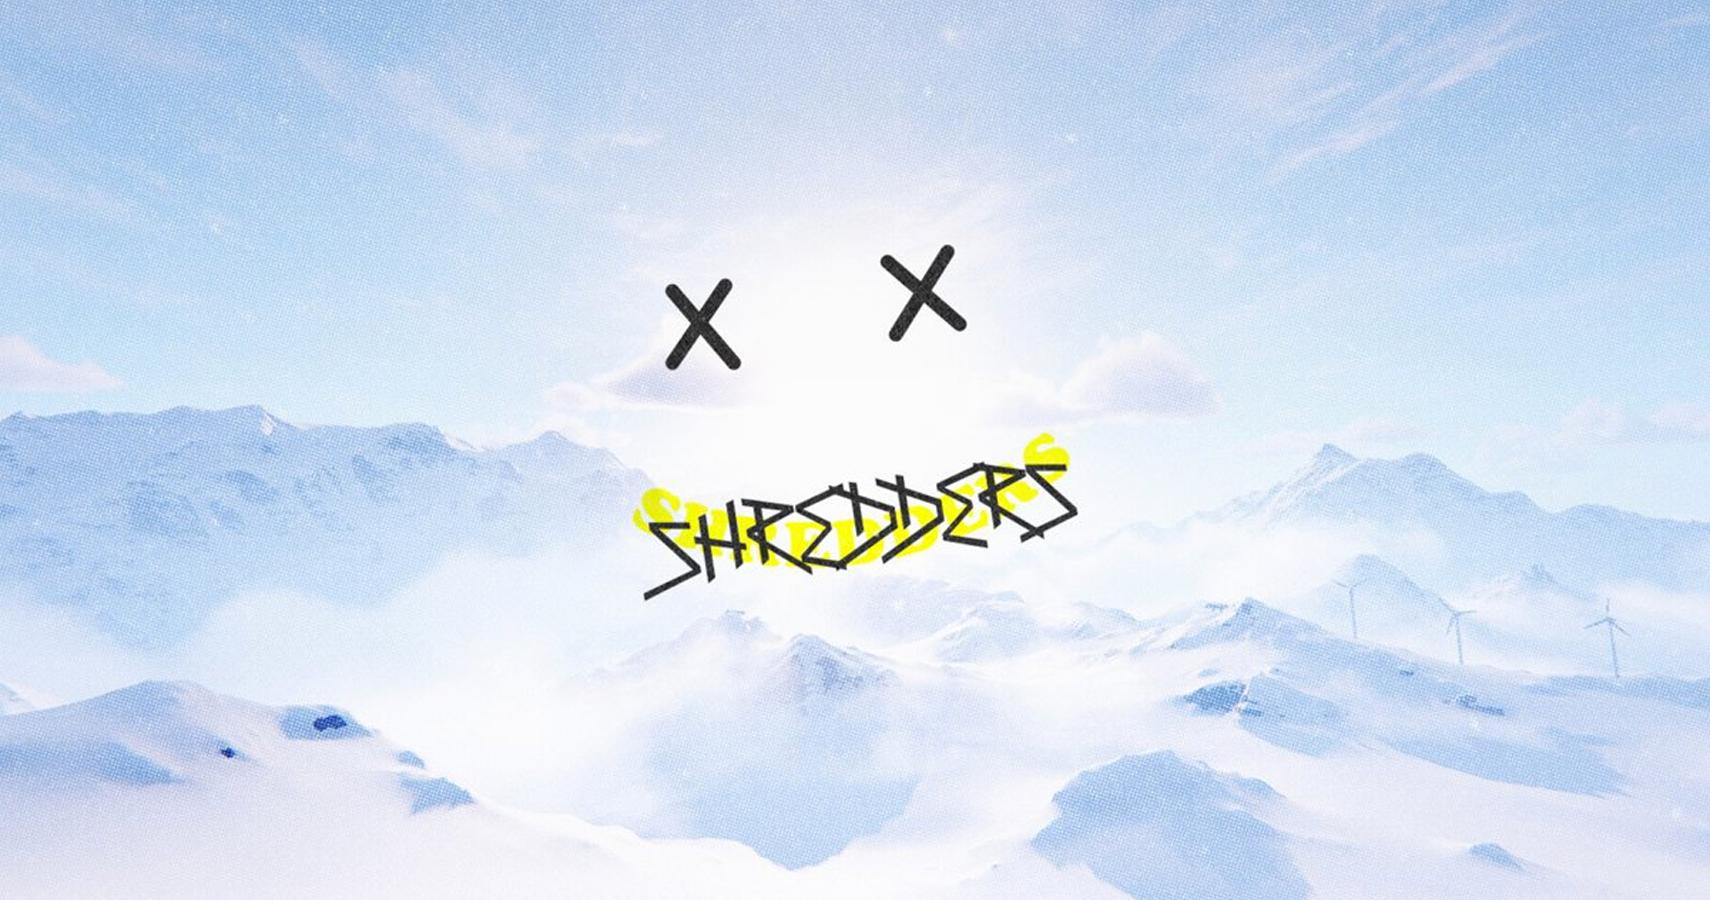 Shredders Looks Like 1080 Snowboarding's Sequel | TheGamer